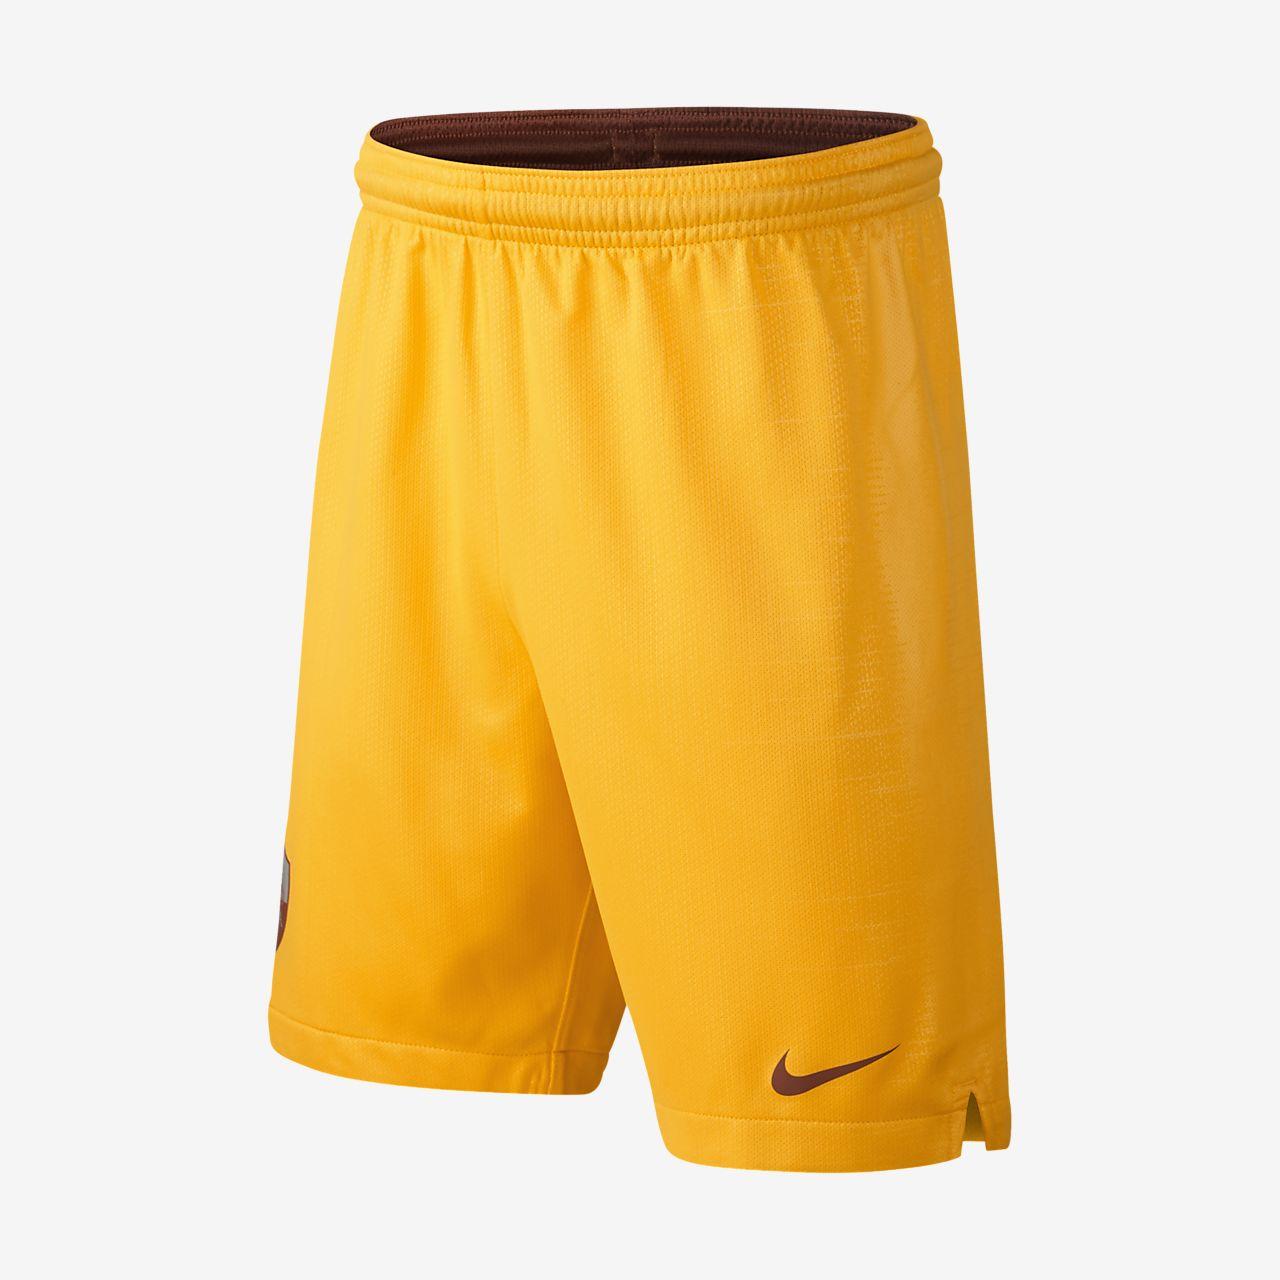 Shorts de fútbol para hombre A.S. Roma Stadium Third 2018/19